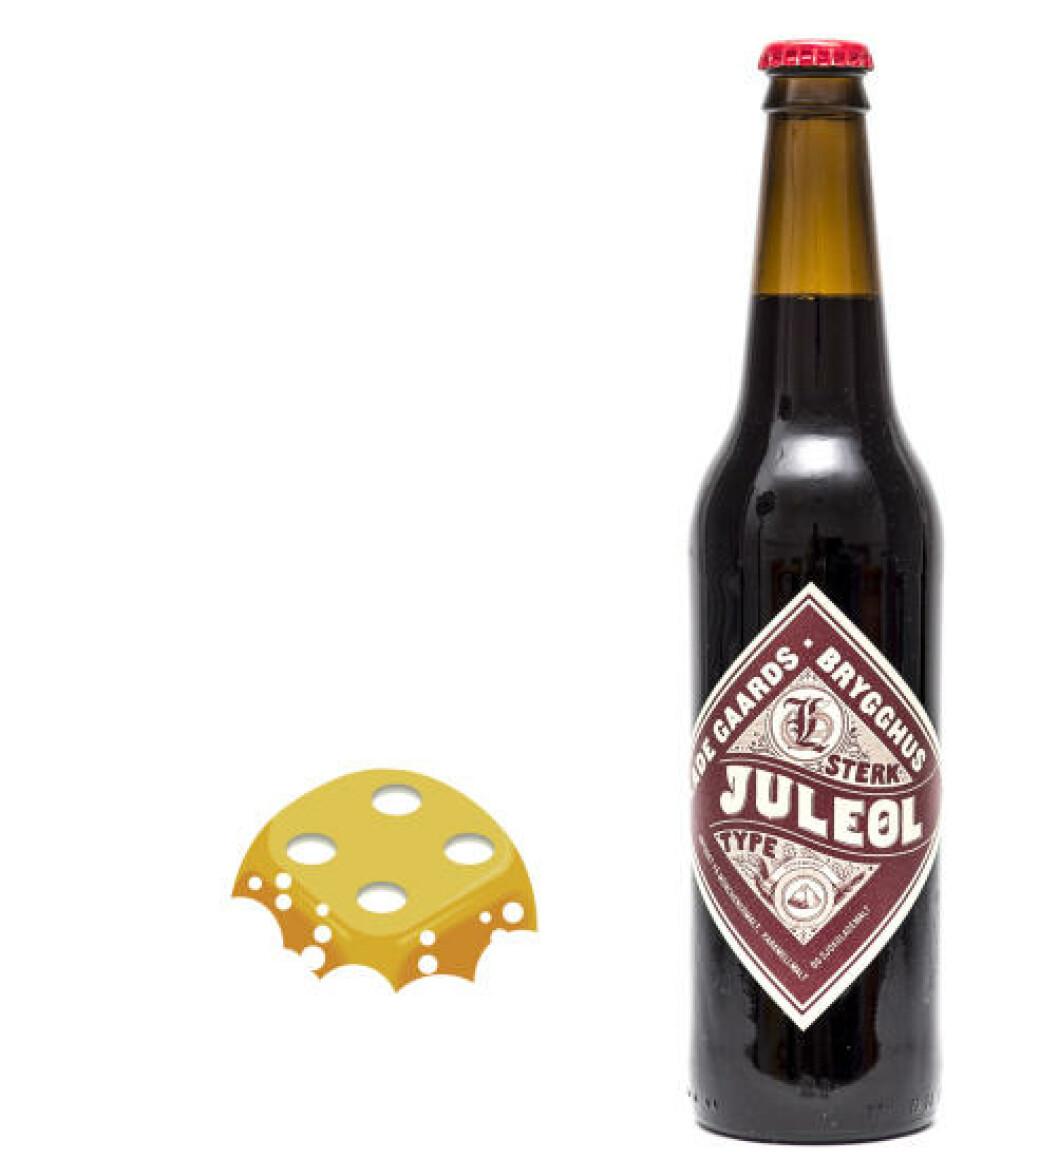 Ladegaards Brygghus Sterk juleøl, 0,5 l flaske, 6,5%. Server til julekaker eller annen søt mat.